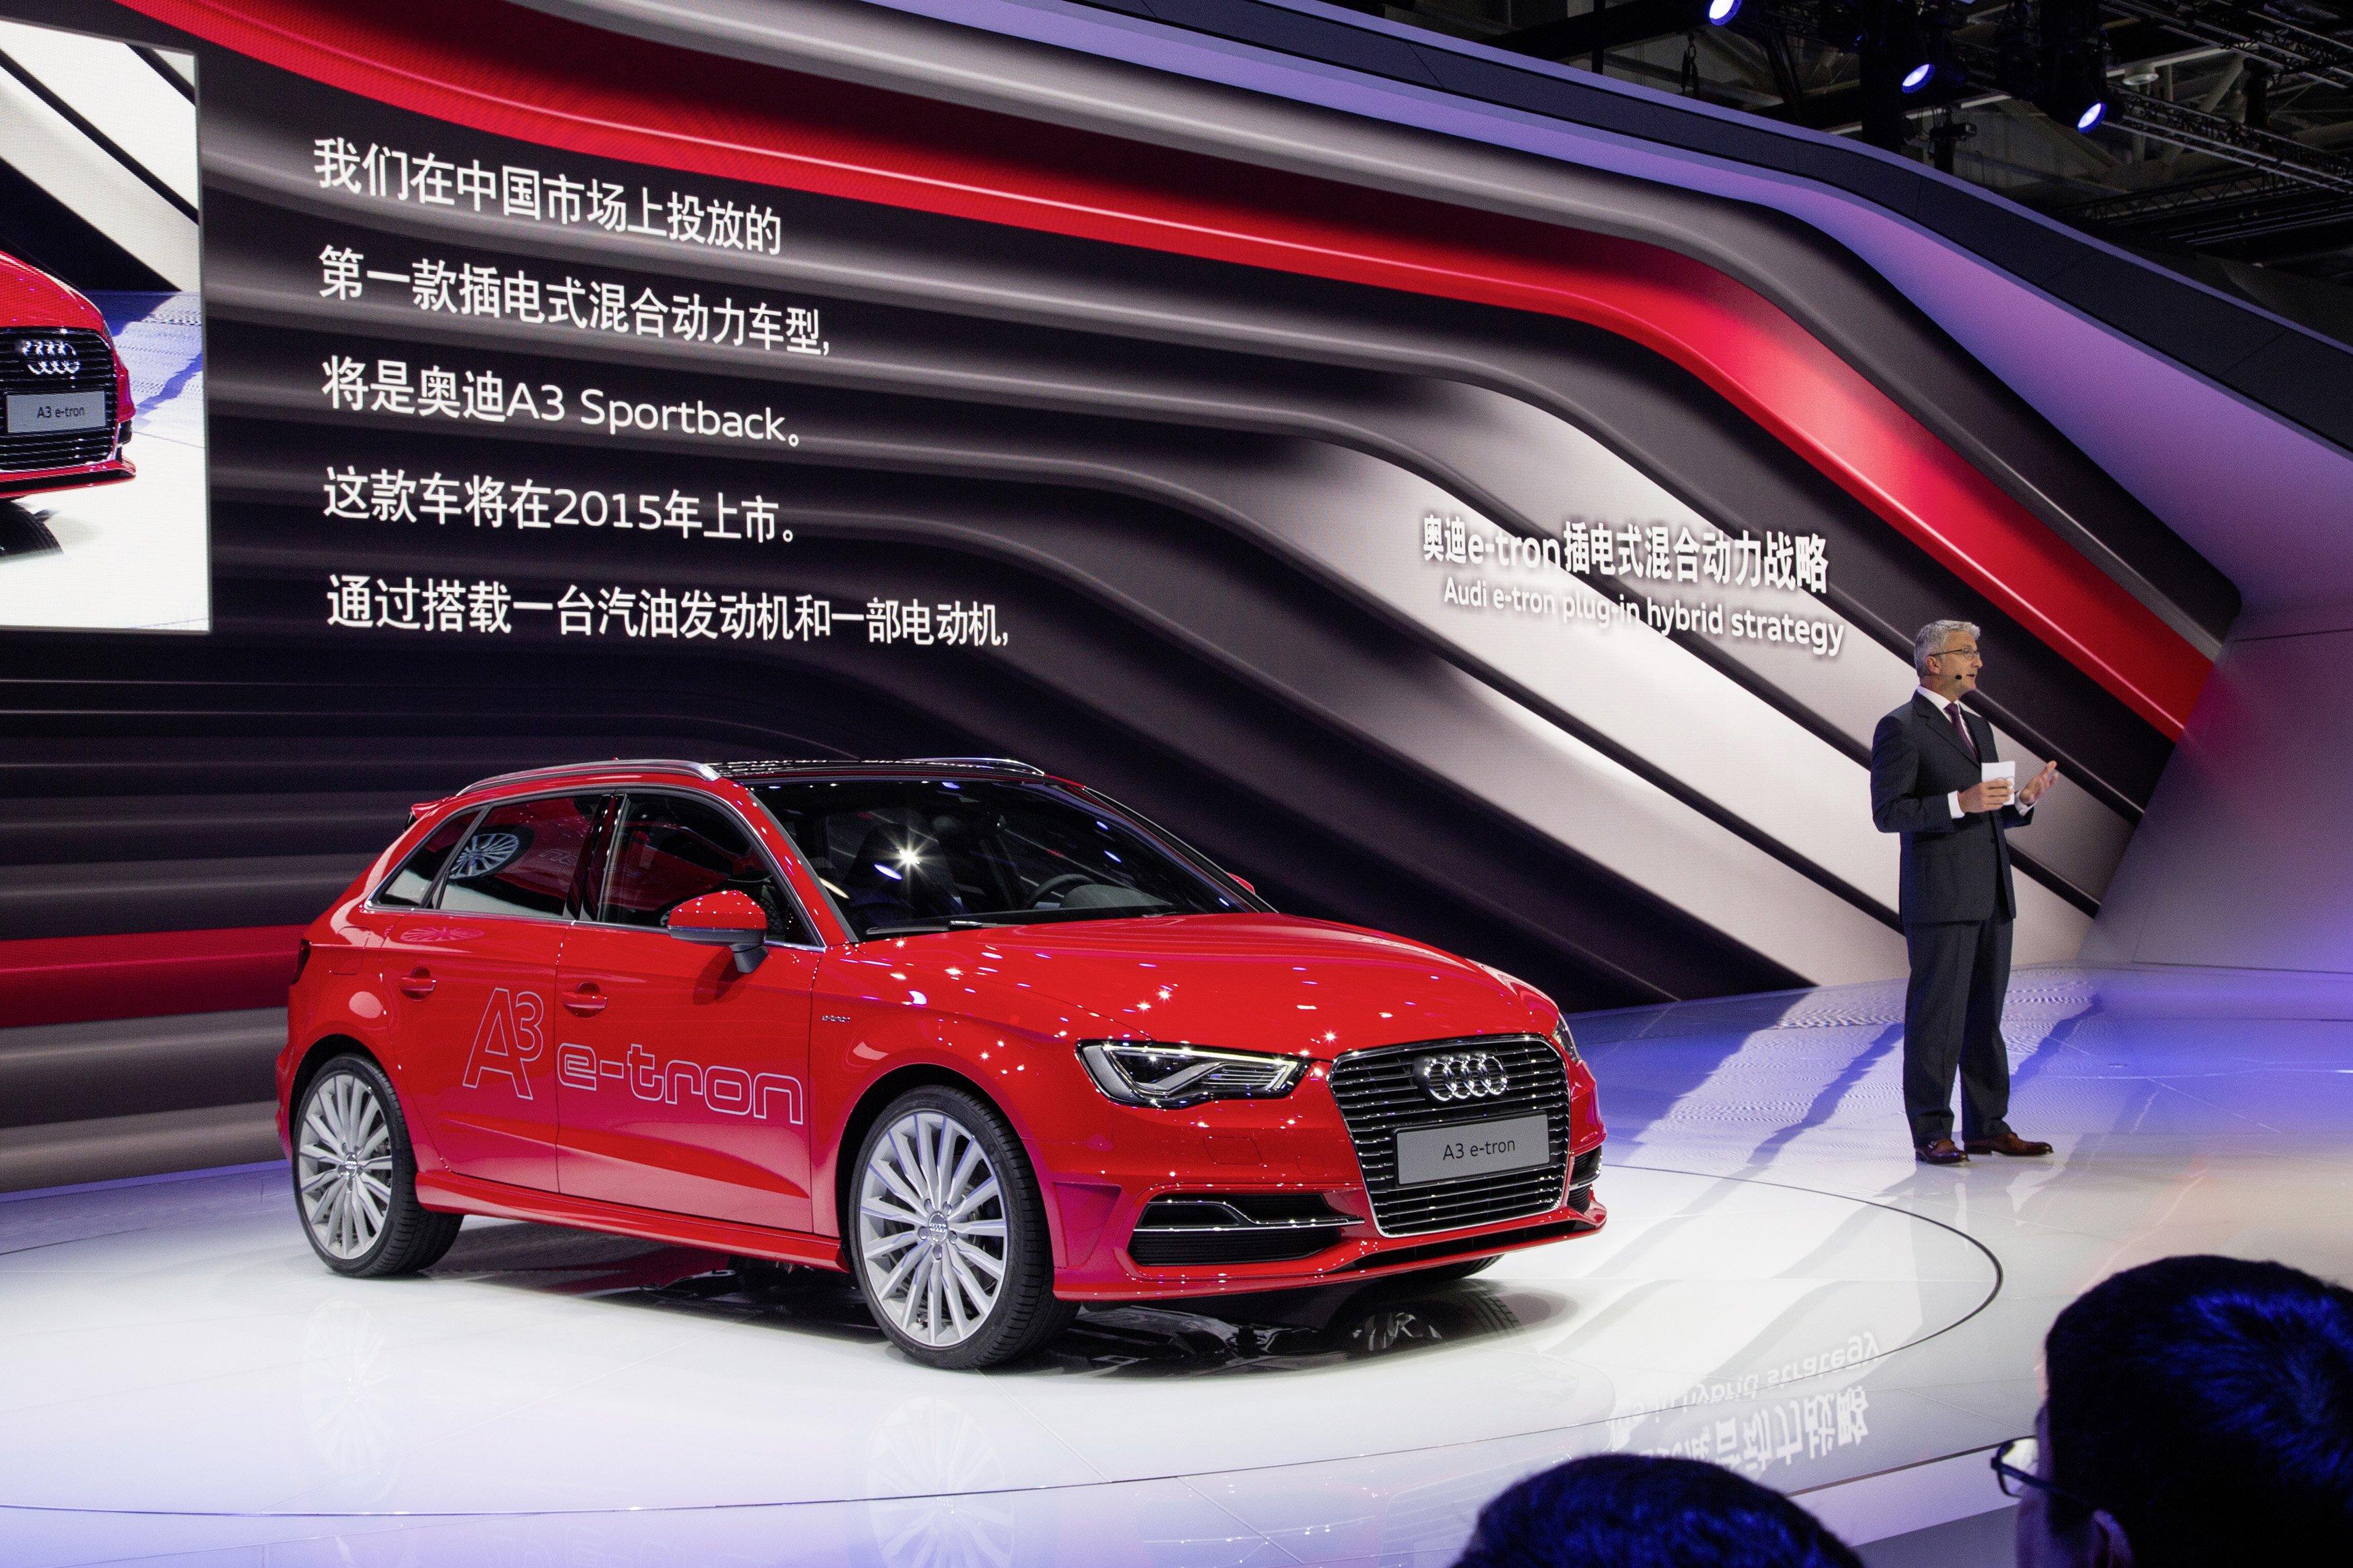 Audi-Chef Rupert Stadler präsentiert den Audi A3 e-tron auf der Peking Auto Show 2014: Jetzt beugt sich Audi der Forderung Chinas und reduziert seine Ersatzteilpreise um bis zu 38 Prozent.